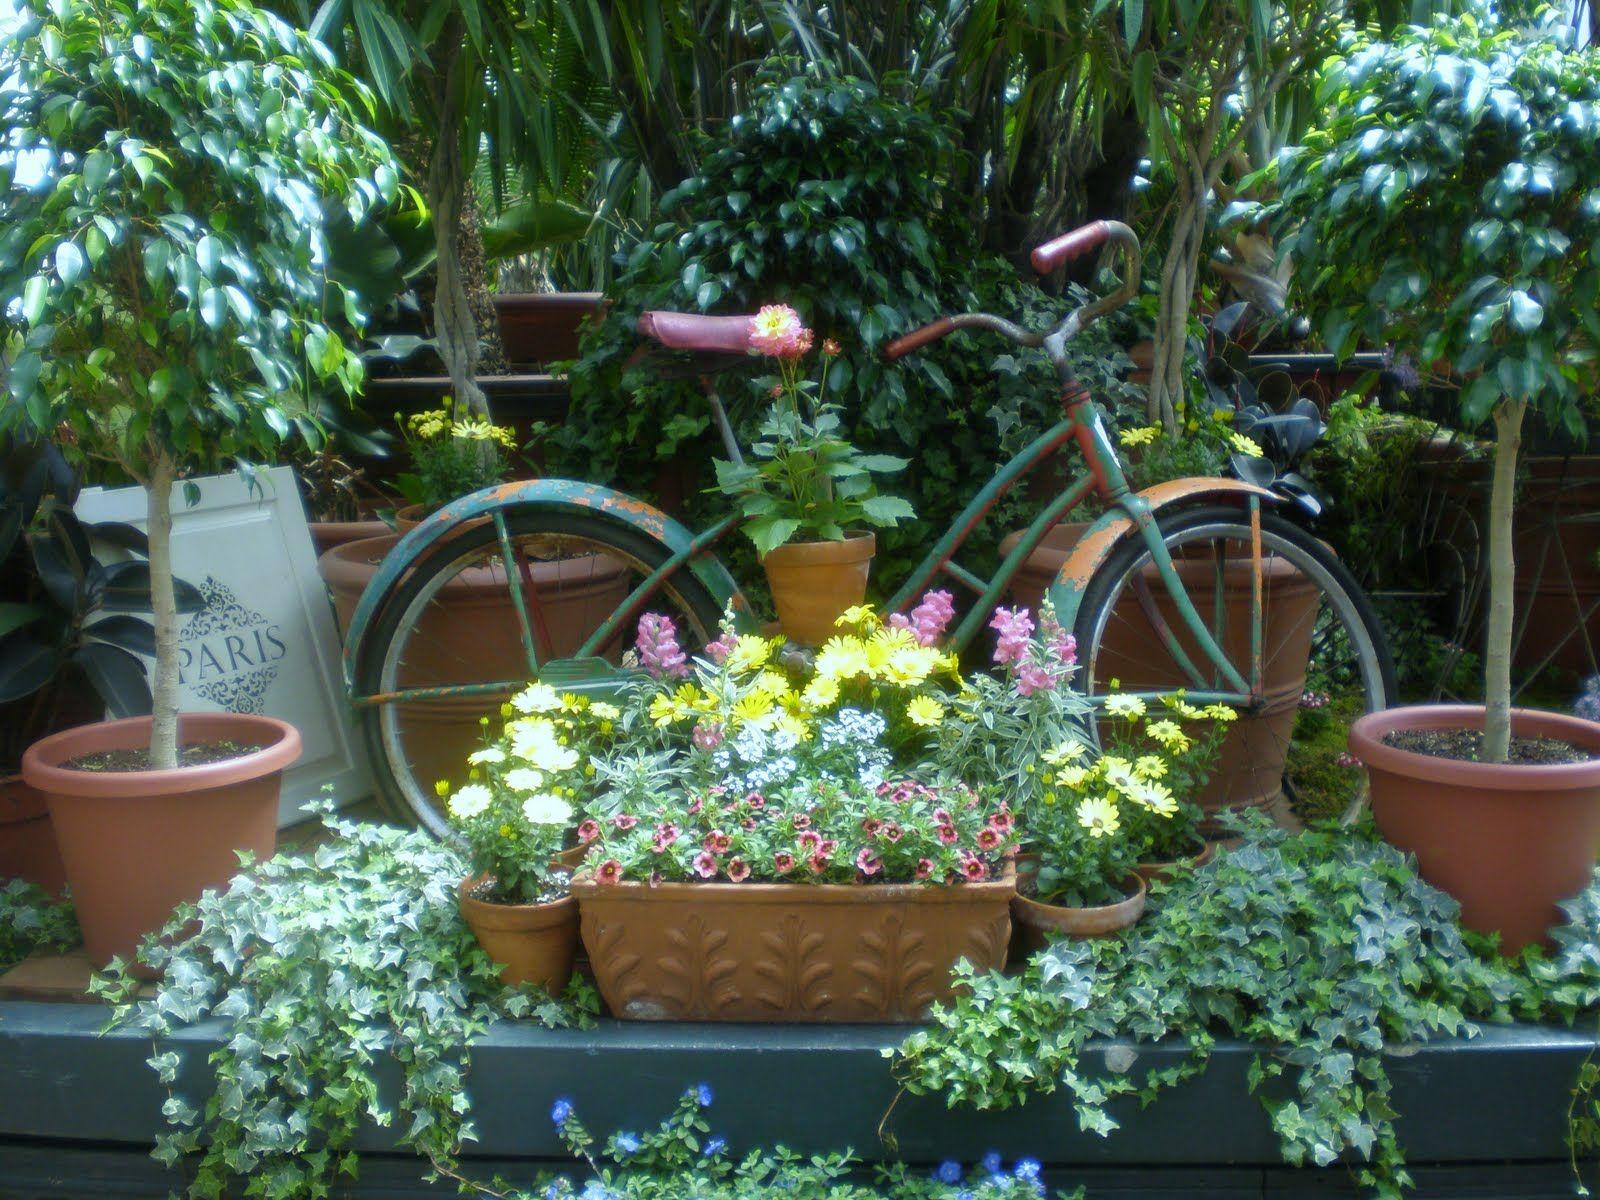 Garden Decorating Ideas | Garden Decor | Pinterest | Garden ideas ...